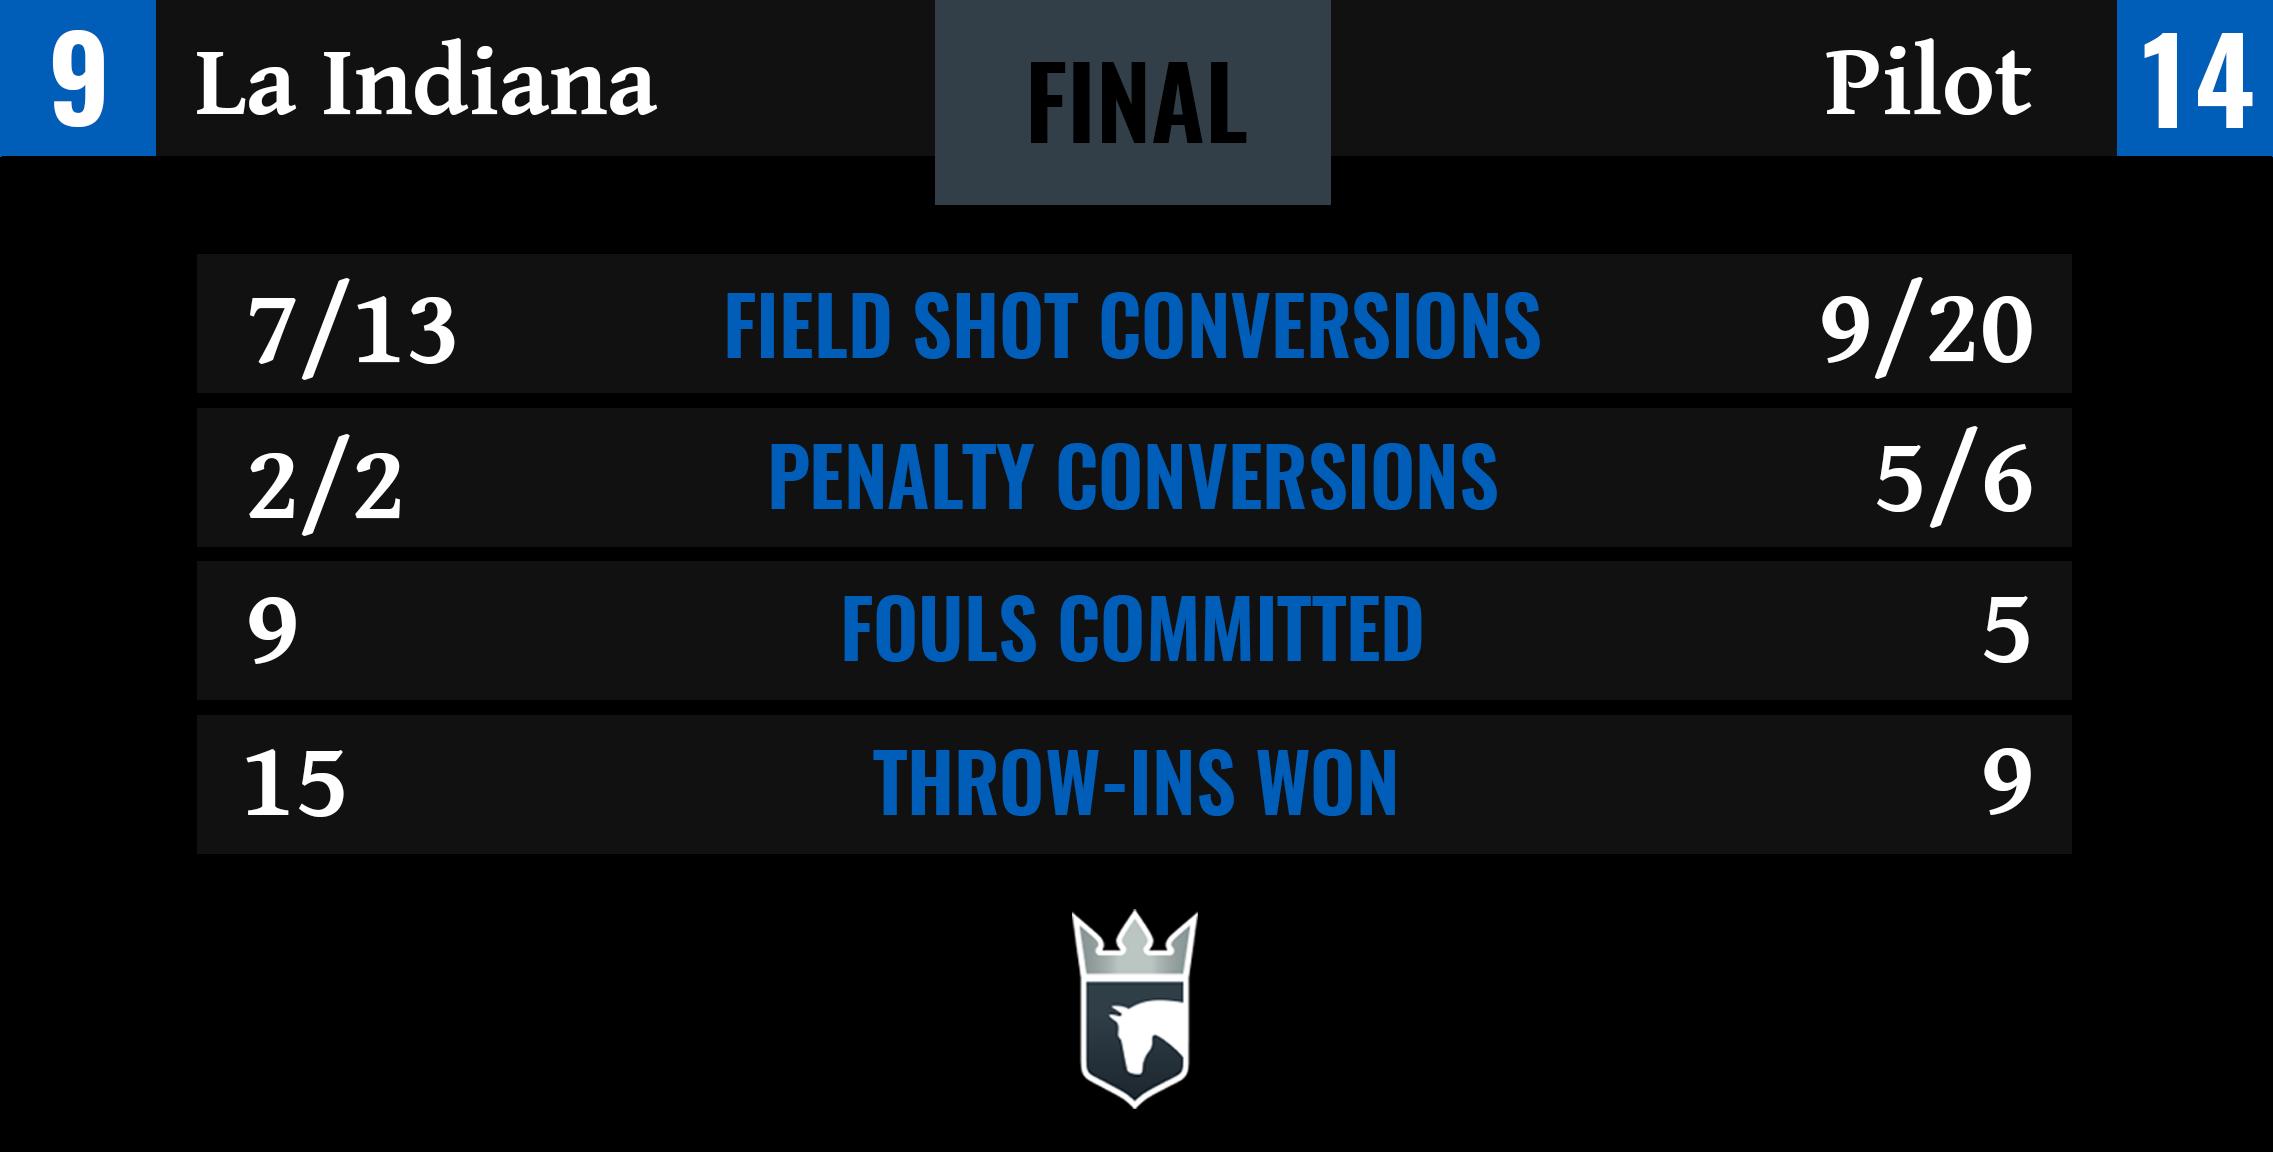 La Indiana vs Pilot Final Stats